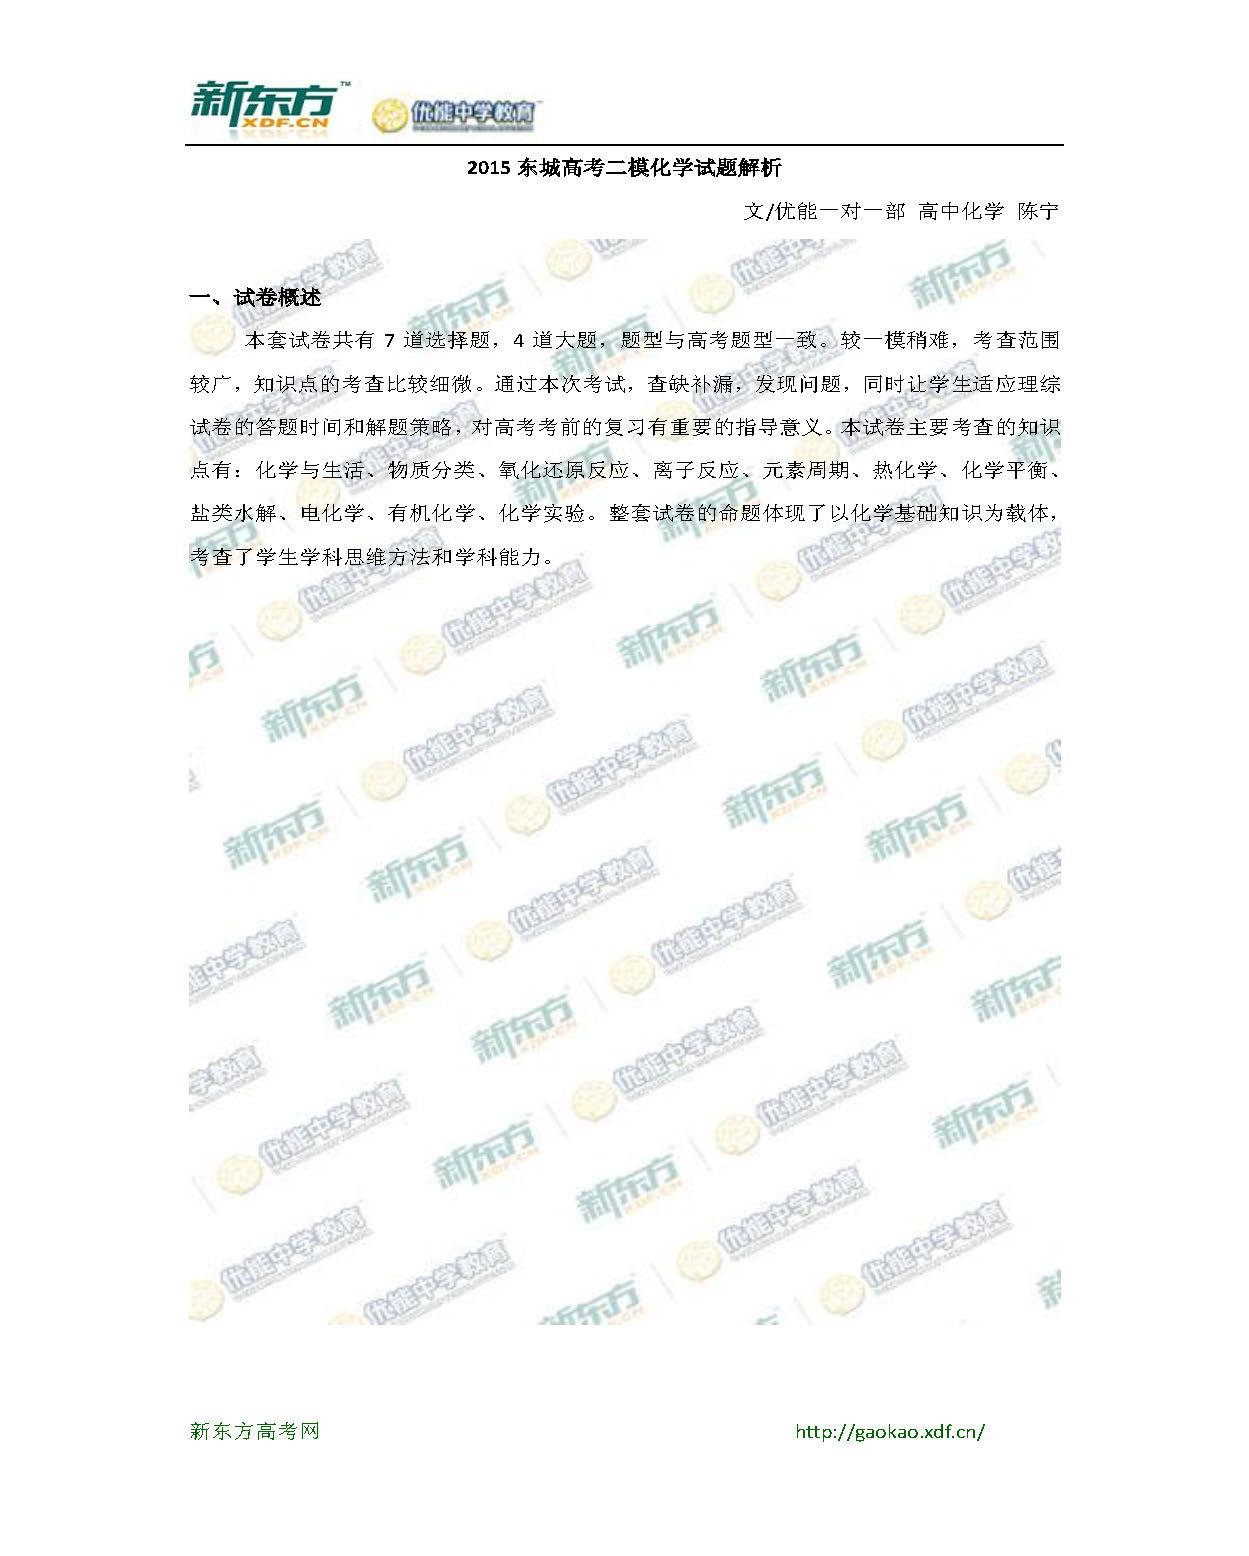 新东方陈宁:2015东城高三二模化学试题解析